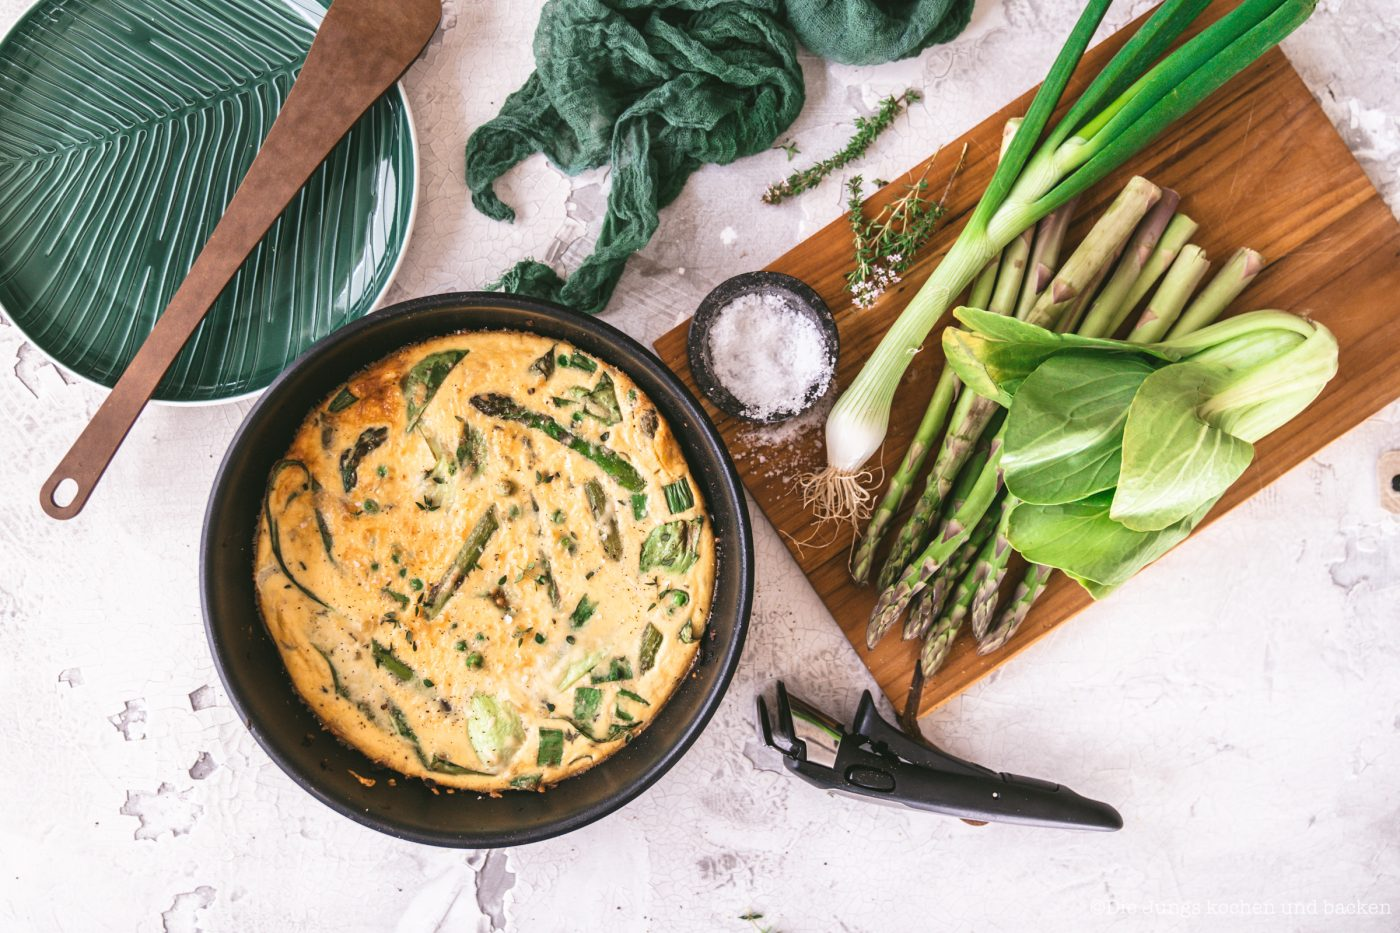 Spargel Frittata 10 | Heute ist der Tag der Kartoffel. Und wir feiern das leckere Gemüse mit unserem Abschlussrezept in unserer Kartoffelwoche. Nachdem wir euch schon ein Parfait und einen Kuchen mit der Kartoffel gezeigt haben, ist heute ein geniales Ofenkartoffel Rezept an der Reihe. Aber keine Sorge es wird sommerlich und unsere Sommer-Kartoffeln mit Burratamit seinem feinen Zitronenaroma aus der Tefal Ingeniopasst perfekt zu den sommerlichen Temperaturen momentan - aber auch zu jeder anderen Gelegenheit.